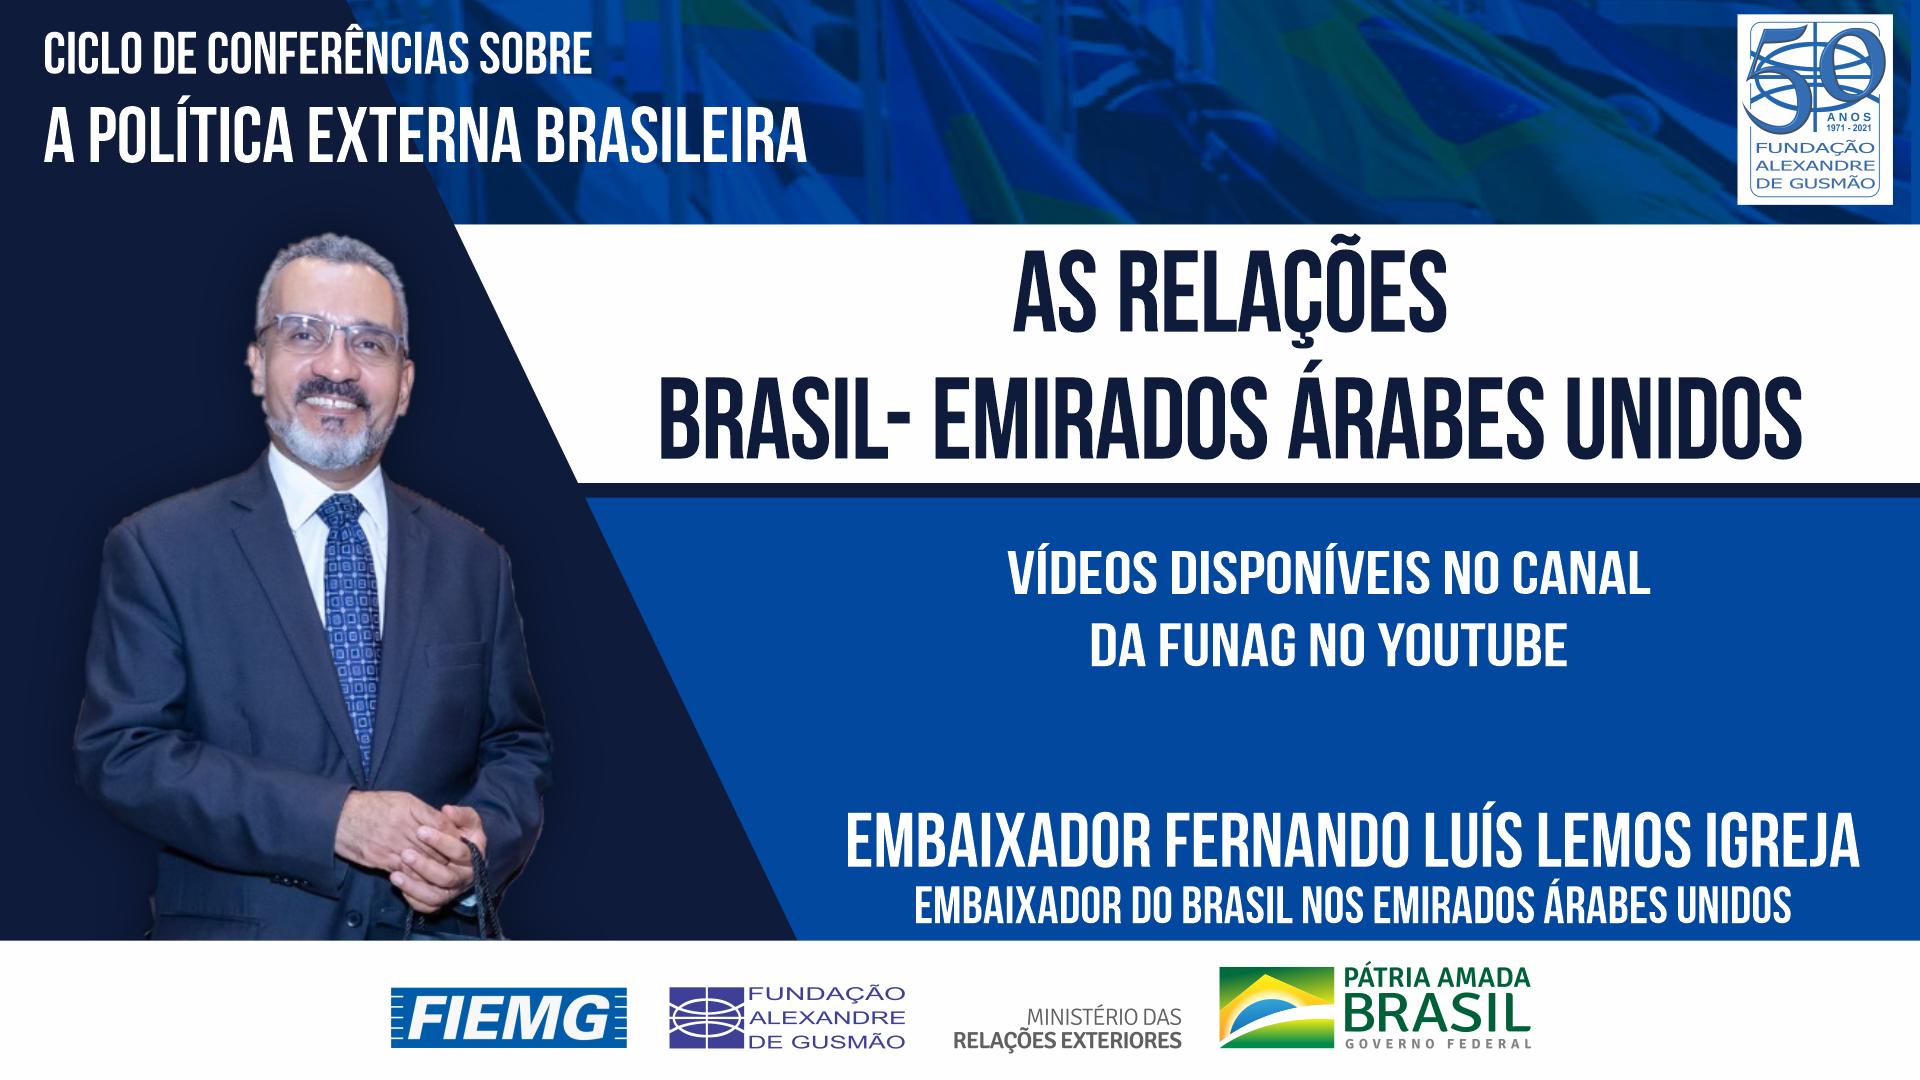 Assista aos vídeos da conferência do Embaixador do Brasil nos Emirados Árabes Unidos, Fernando Luís Lemos Igreja